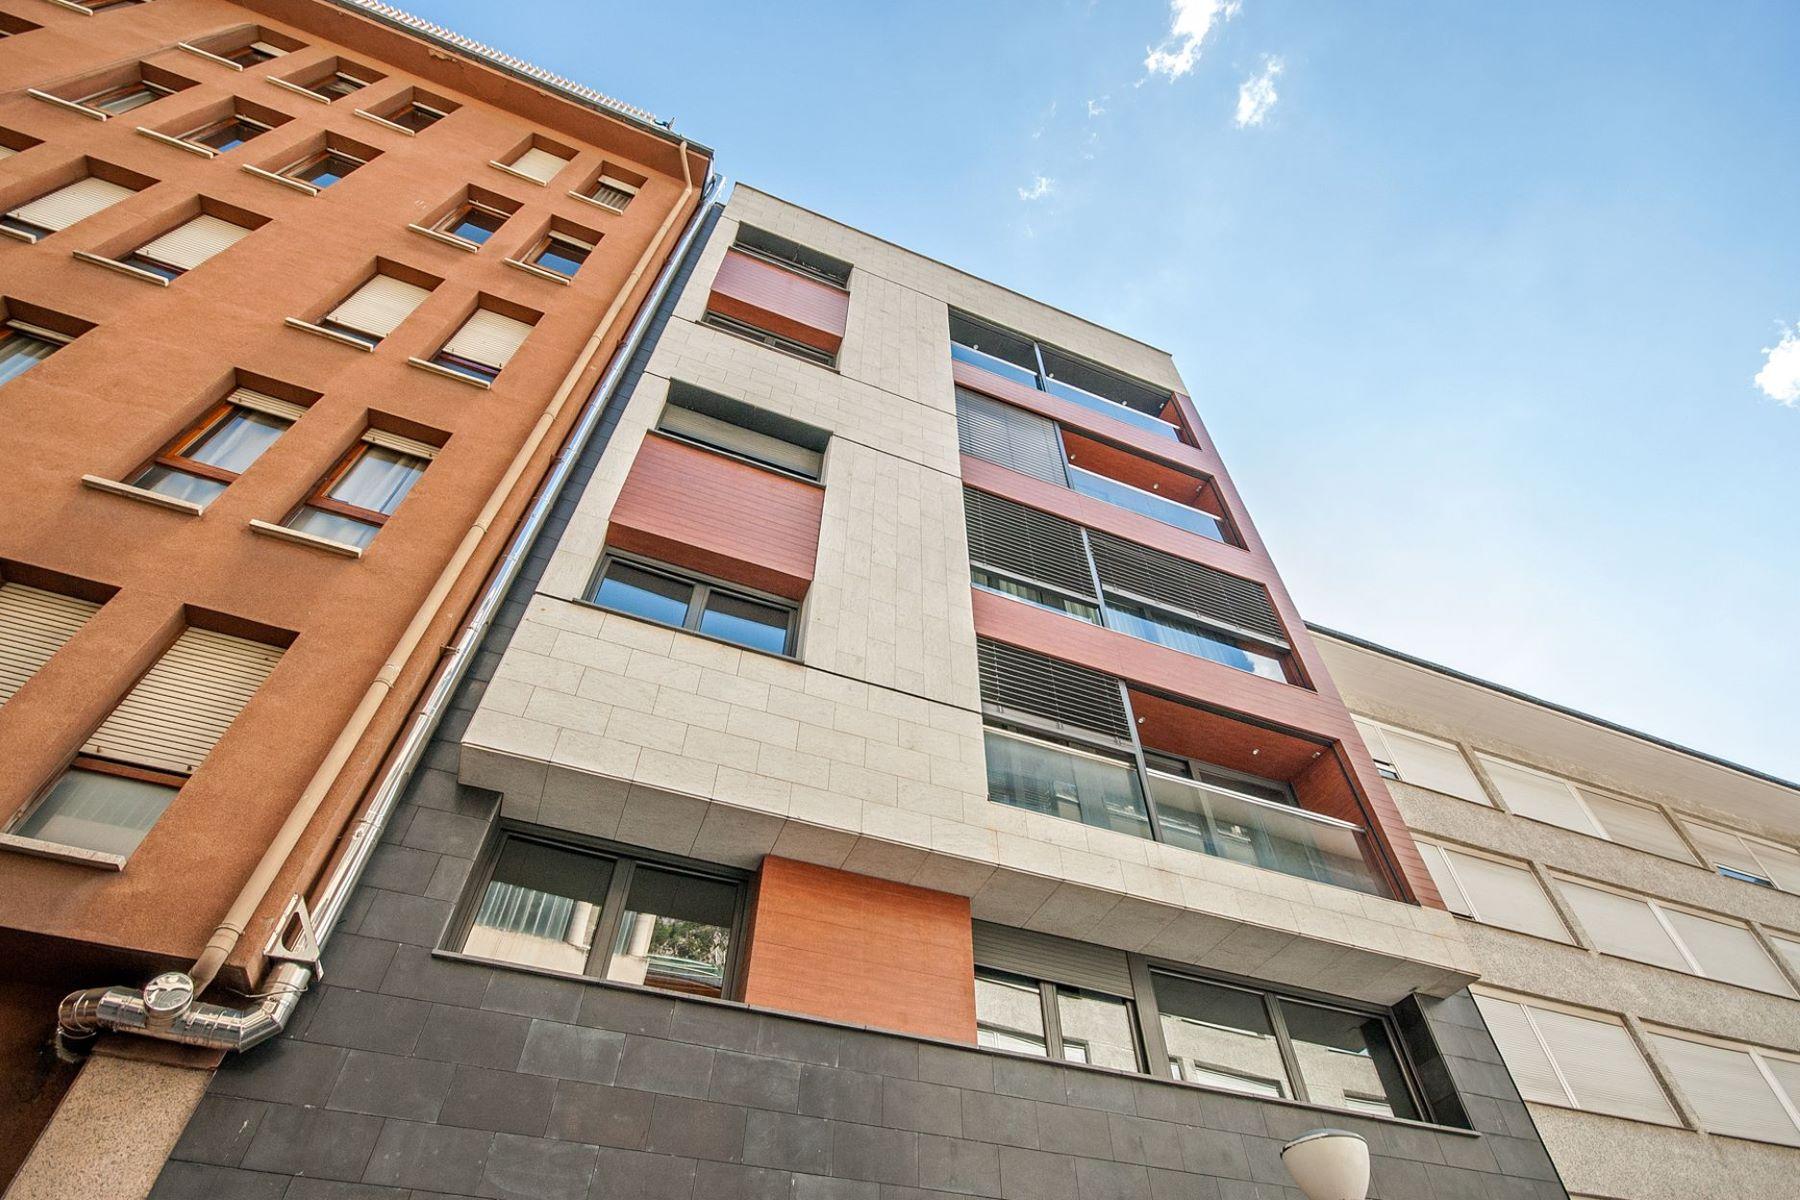 Apartment for Sale at Flat for sale in Santa Coloma Santa Coloma, Andorra La Vella, AD500 Andorra